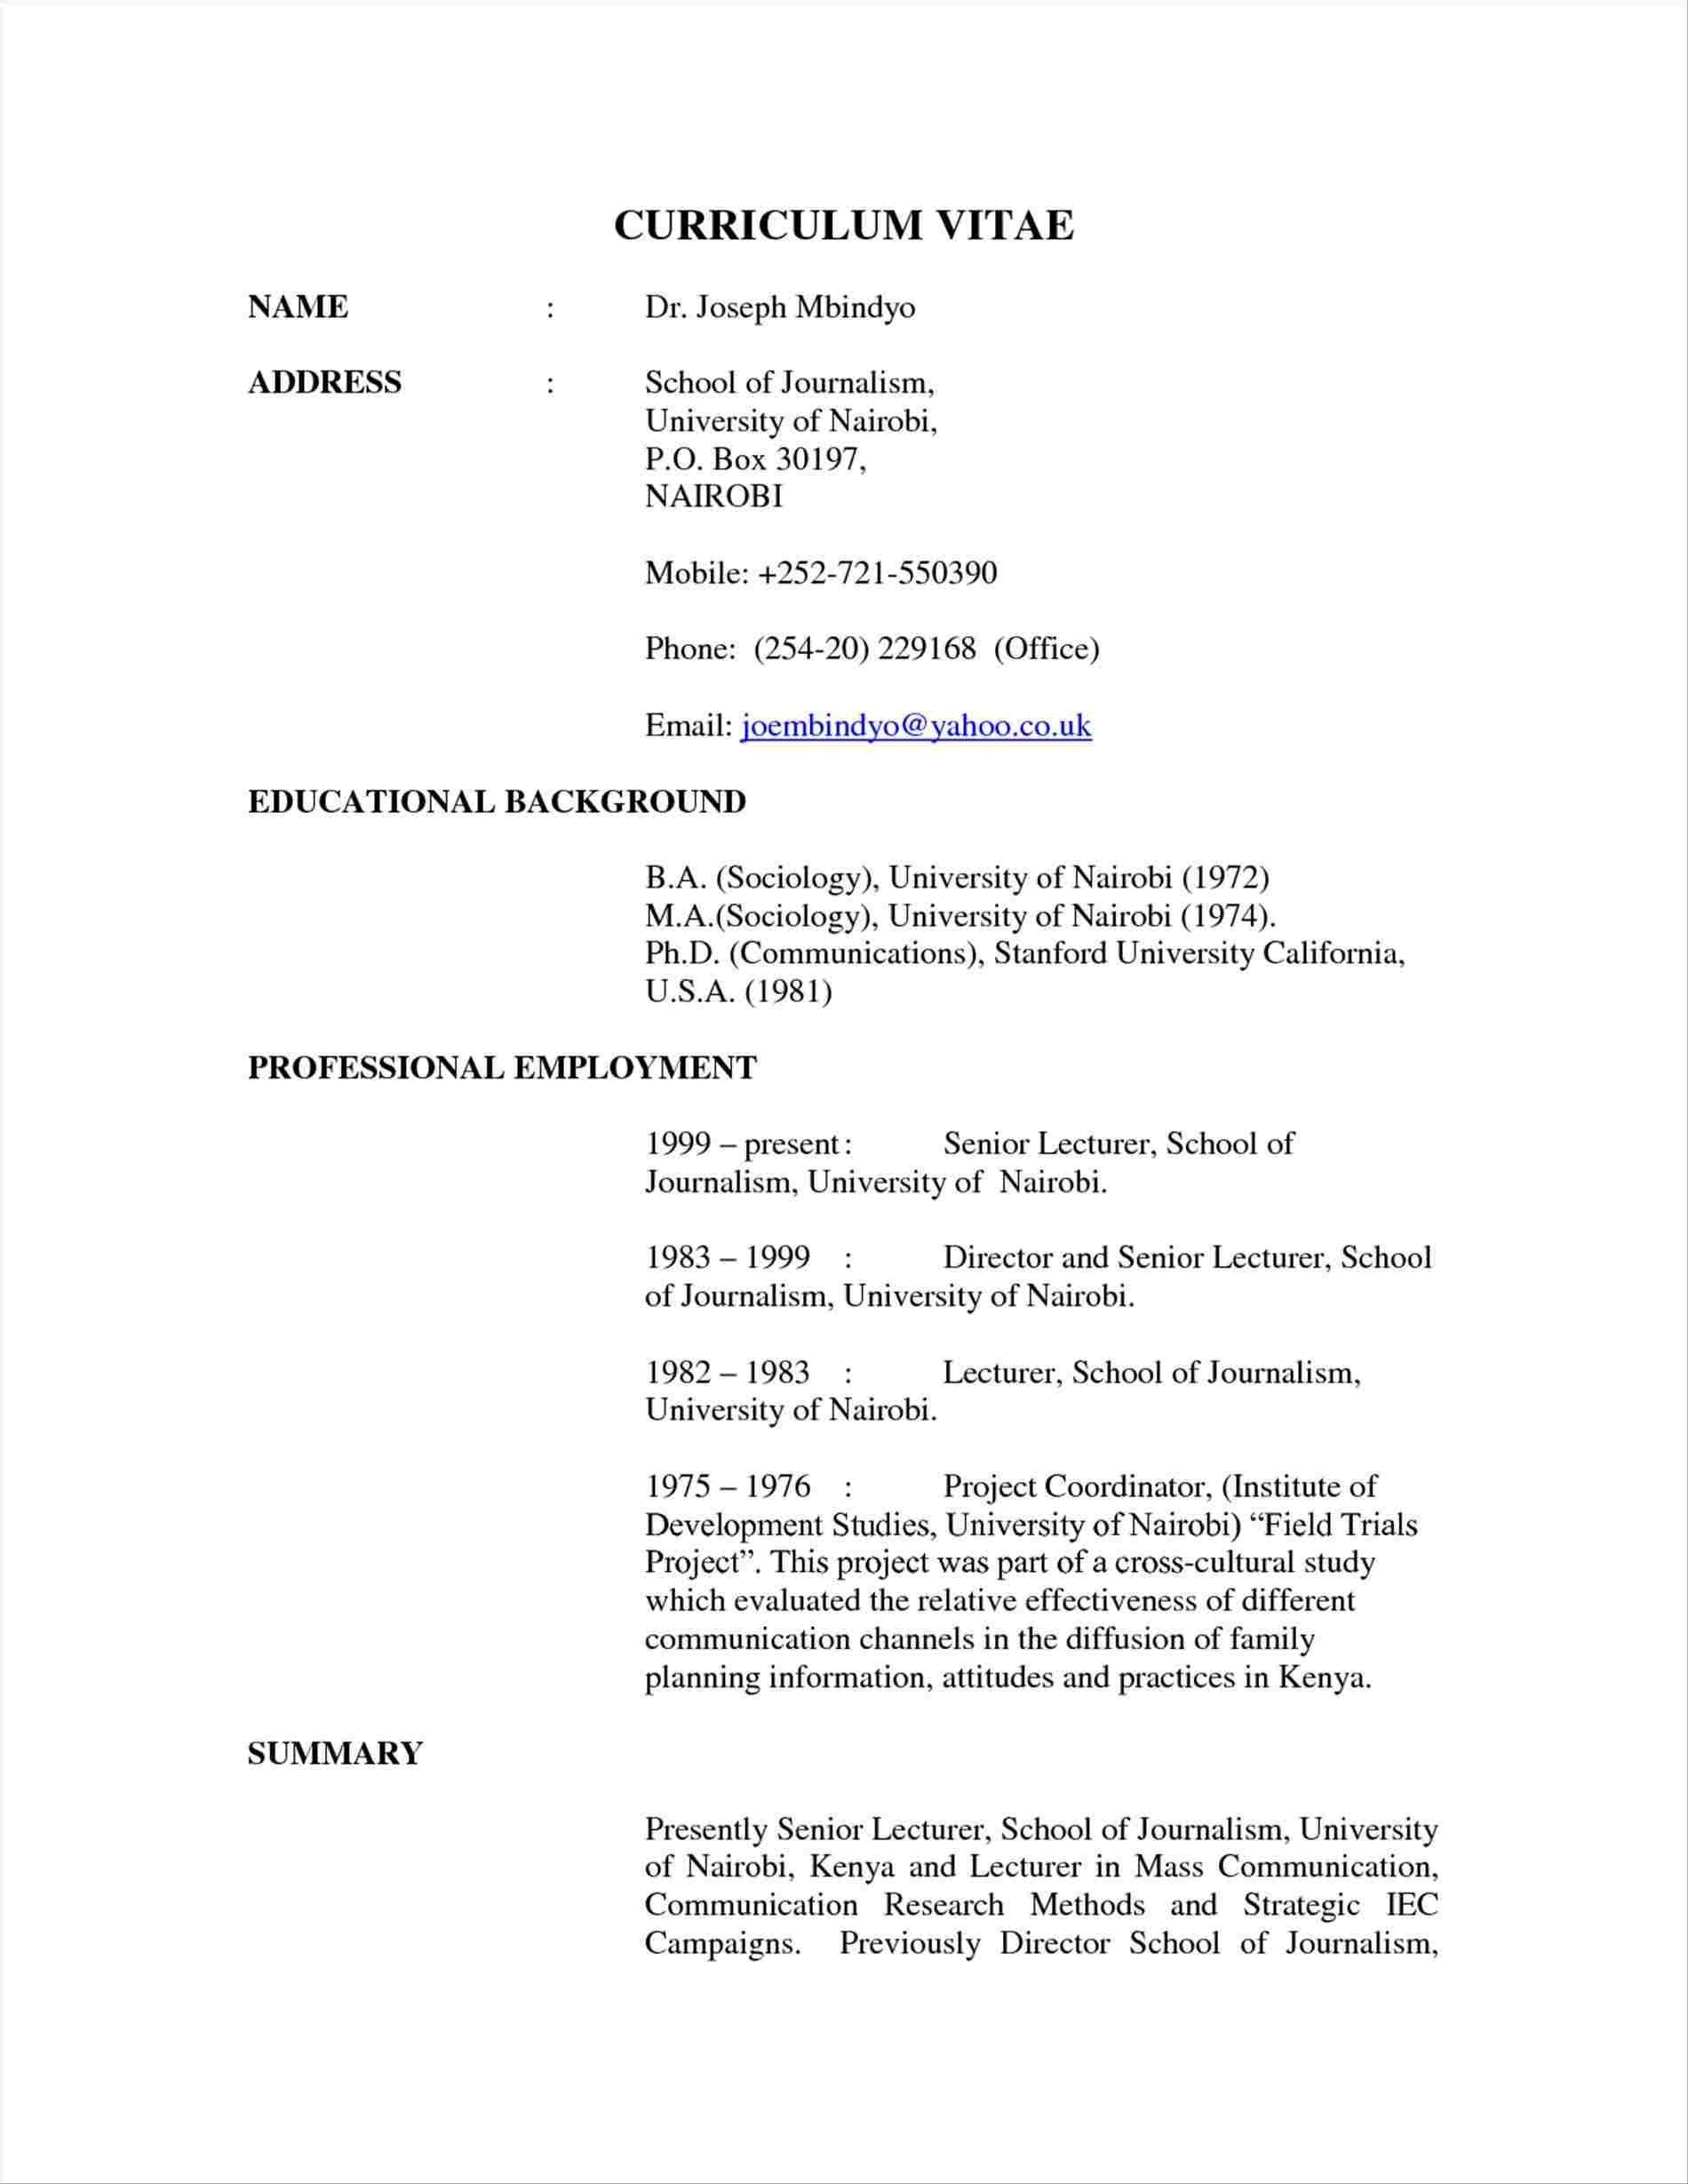 Cv Template Kenya Cv Template Cv Template Download Curriculum Vitae Examples